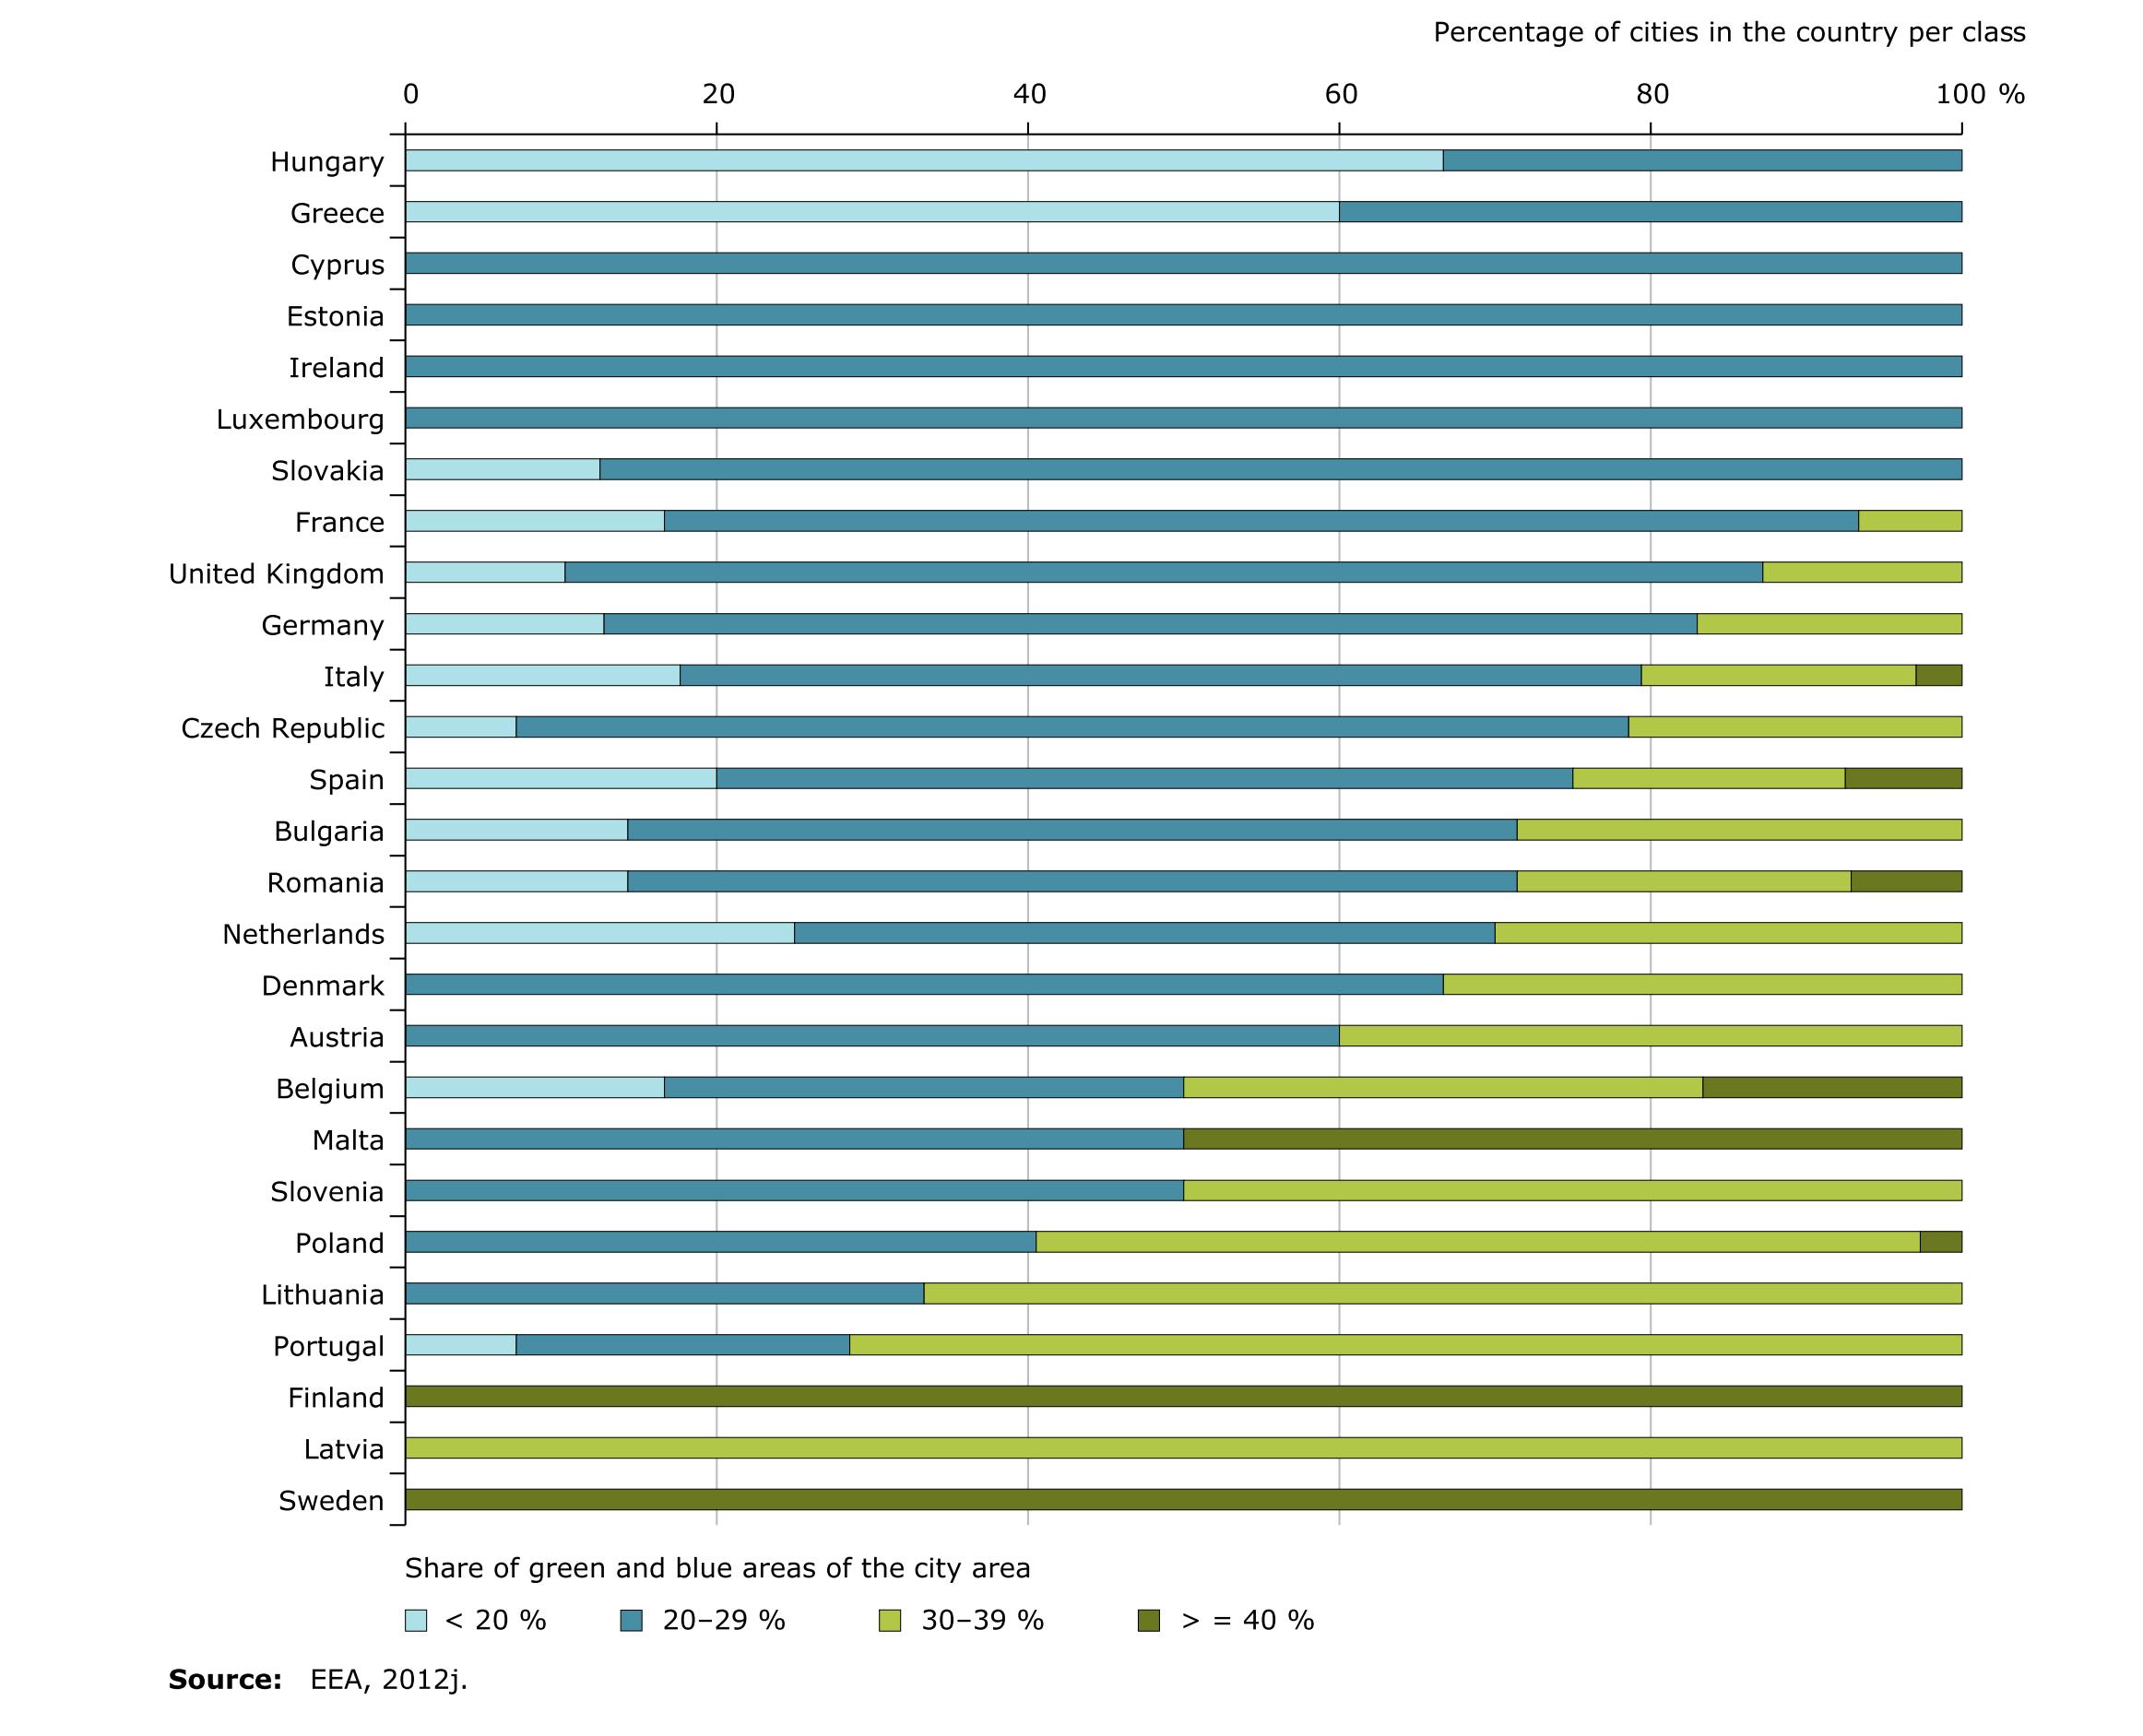 Αναλογία πράσινων και γαλάζιων χώρων στις πόλεις της Ευρώπης